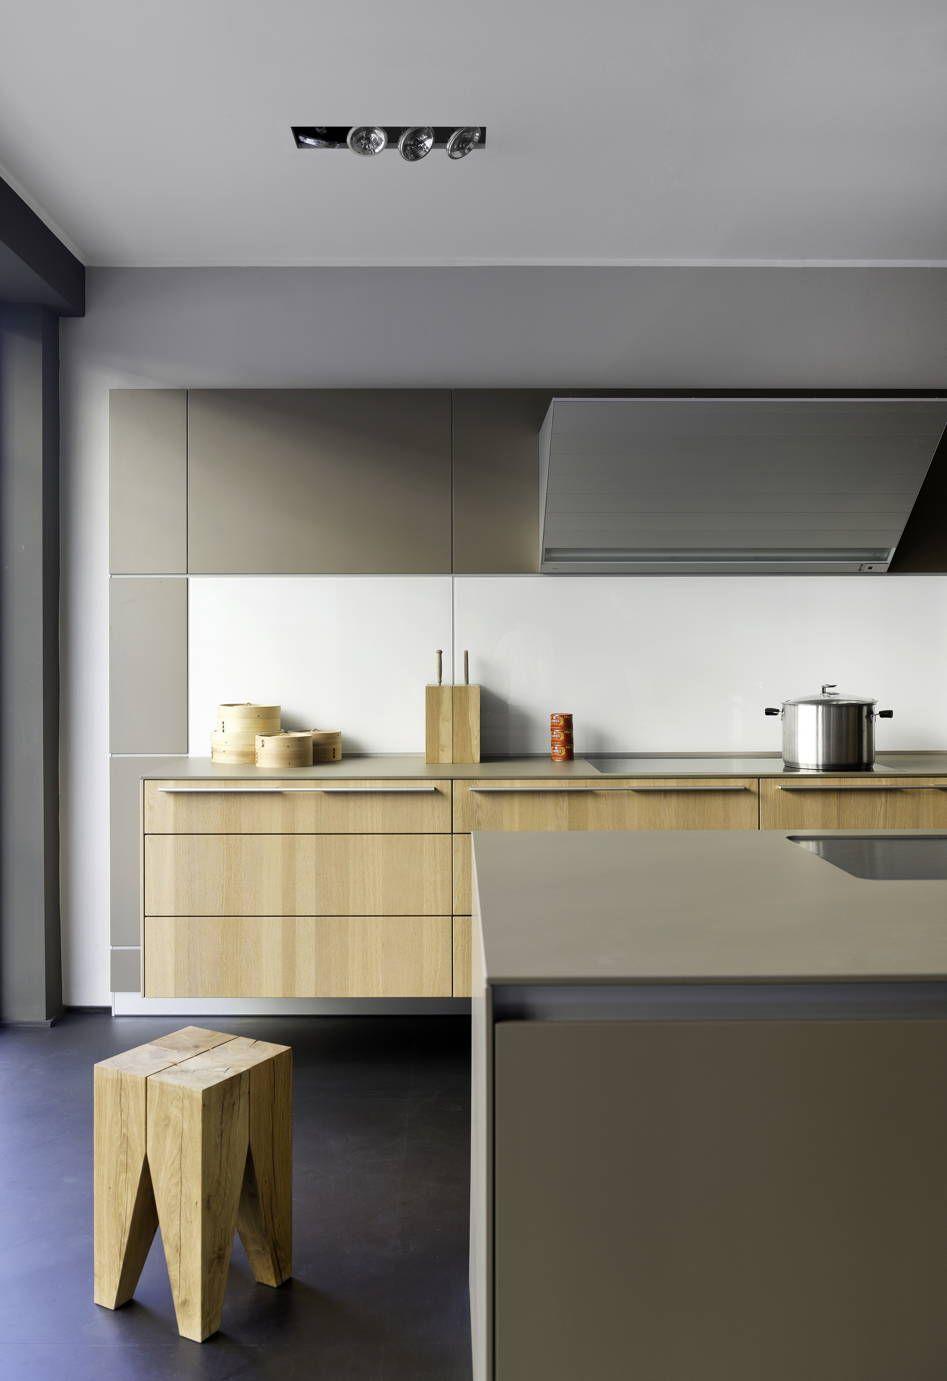 cuisine bulthaup b3 - modèle d'exposition | bulthaup | pinterest ... - Modele Exposition Cuisine